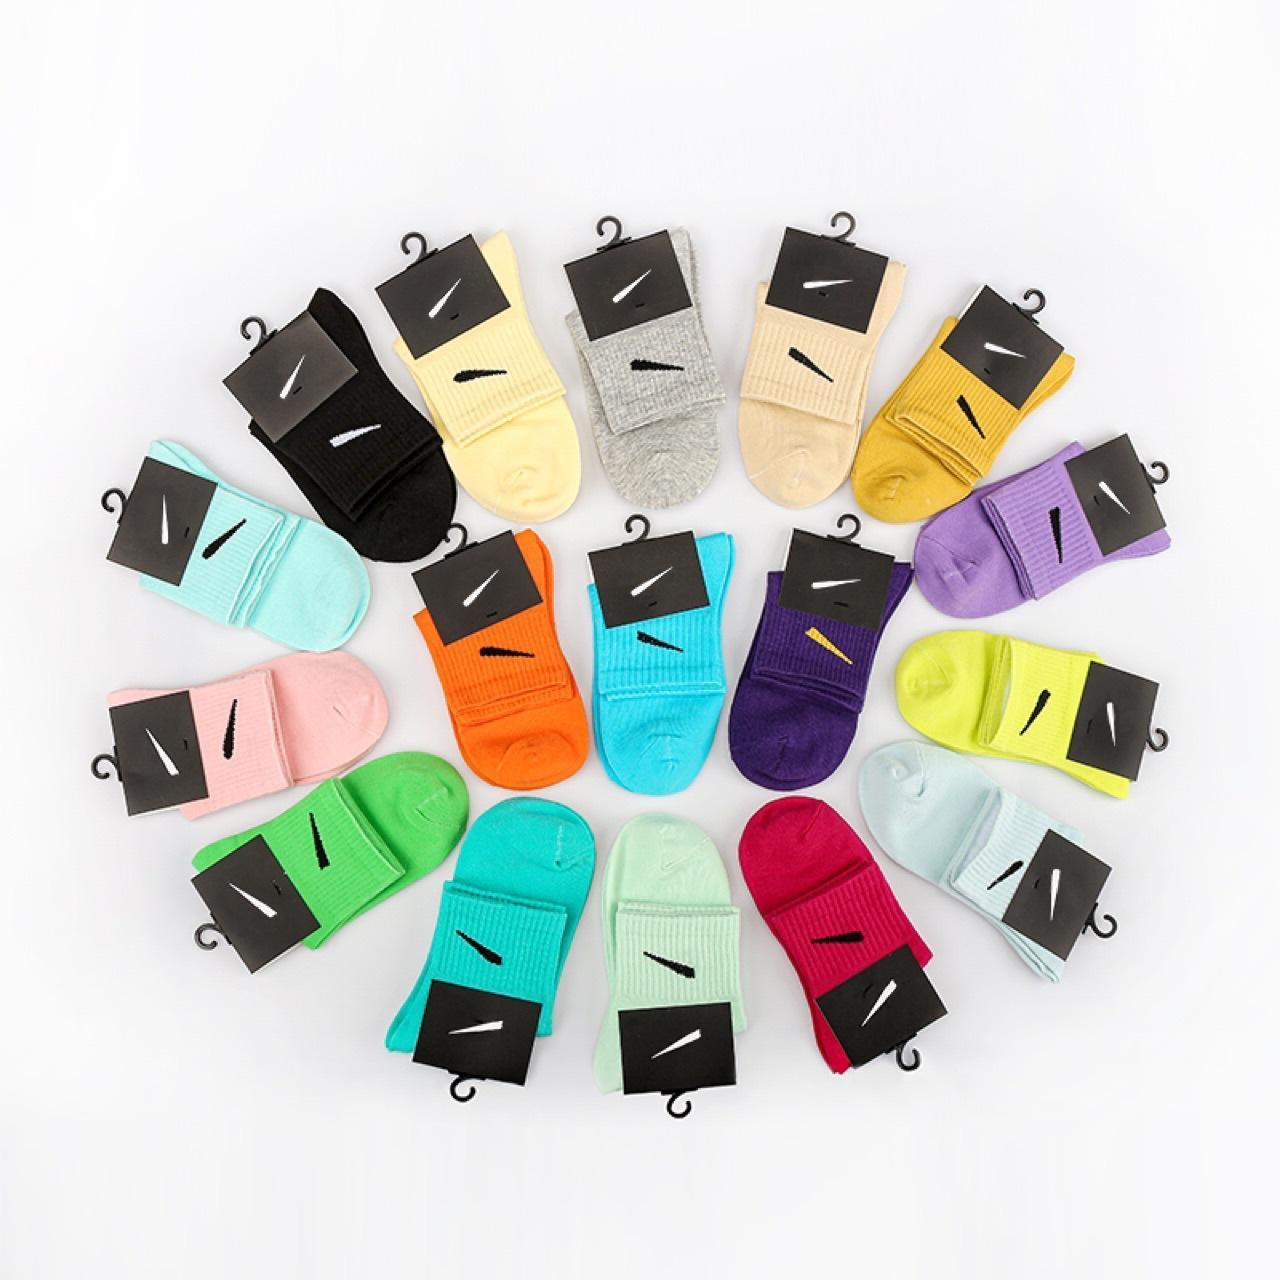 Sport Calze Donna Uomo School Girls cotone sciolto calzini colorati colore puro delle donne Sox Fashion Designer